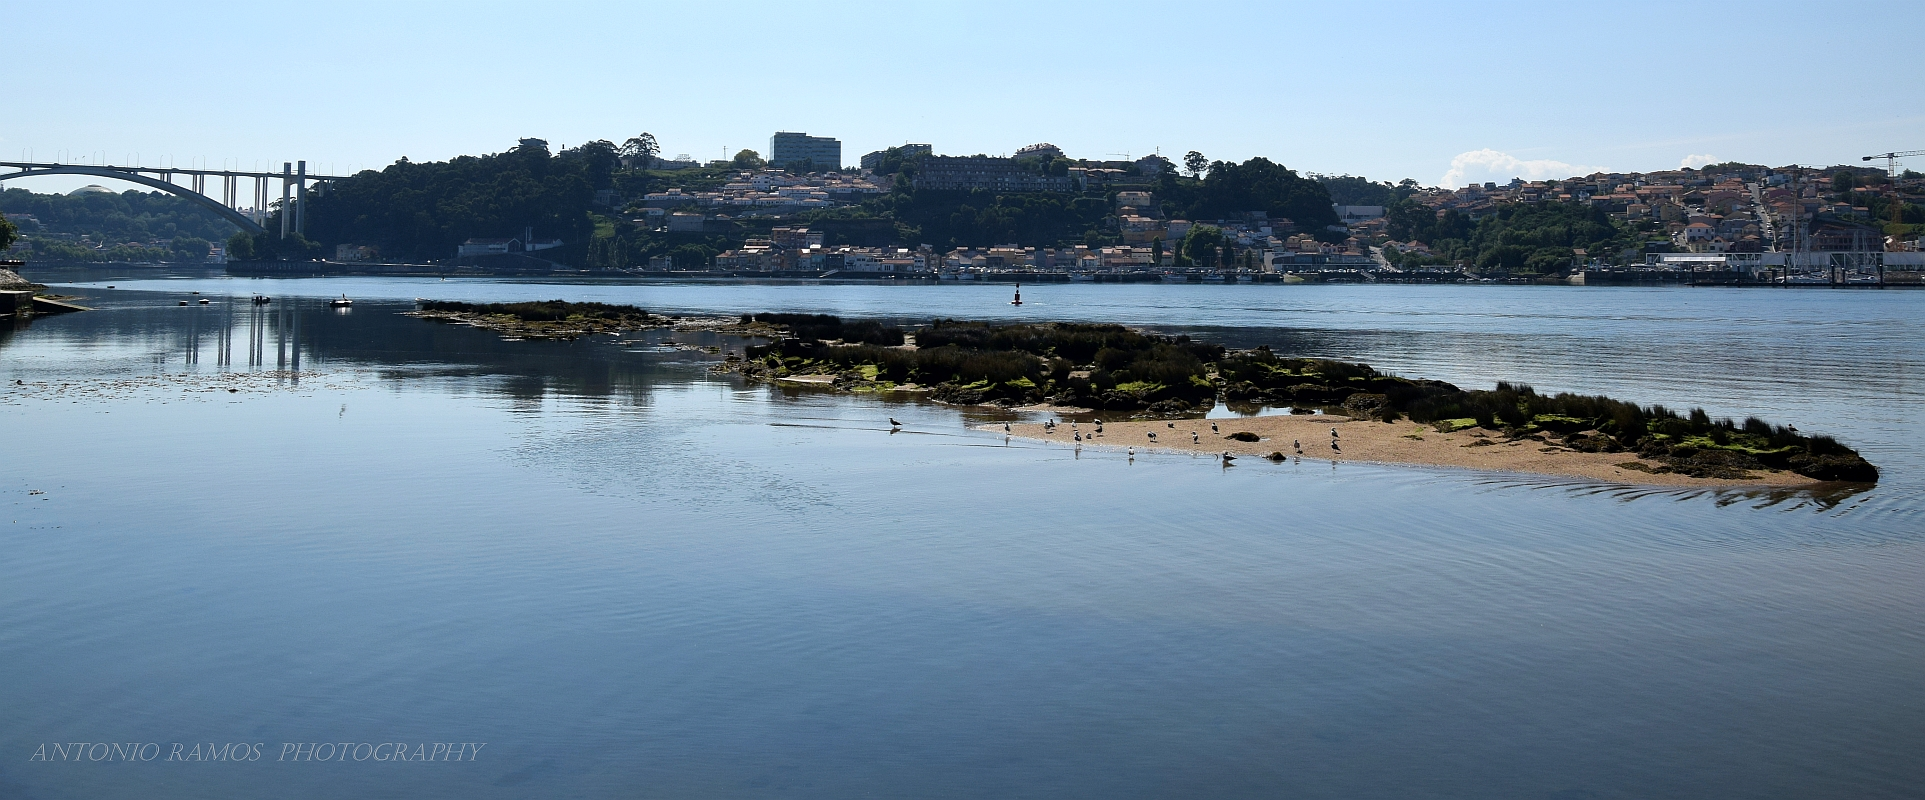 The friar's island